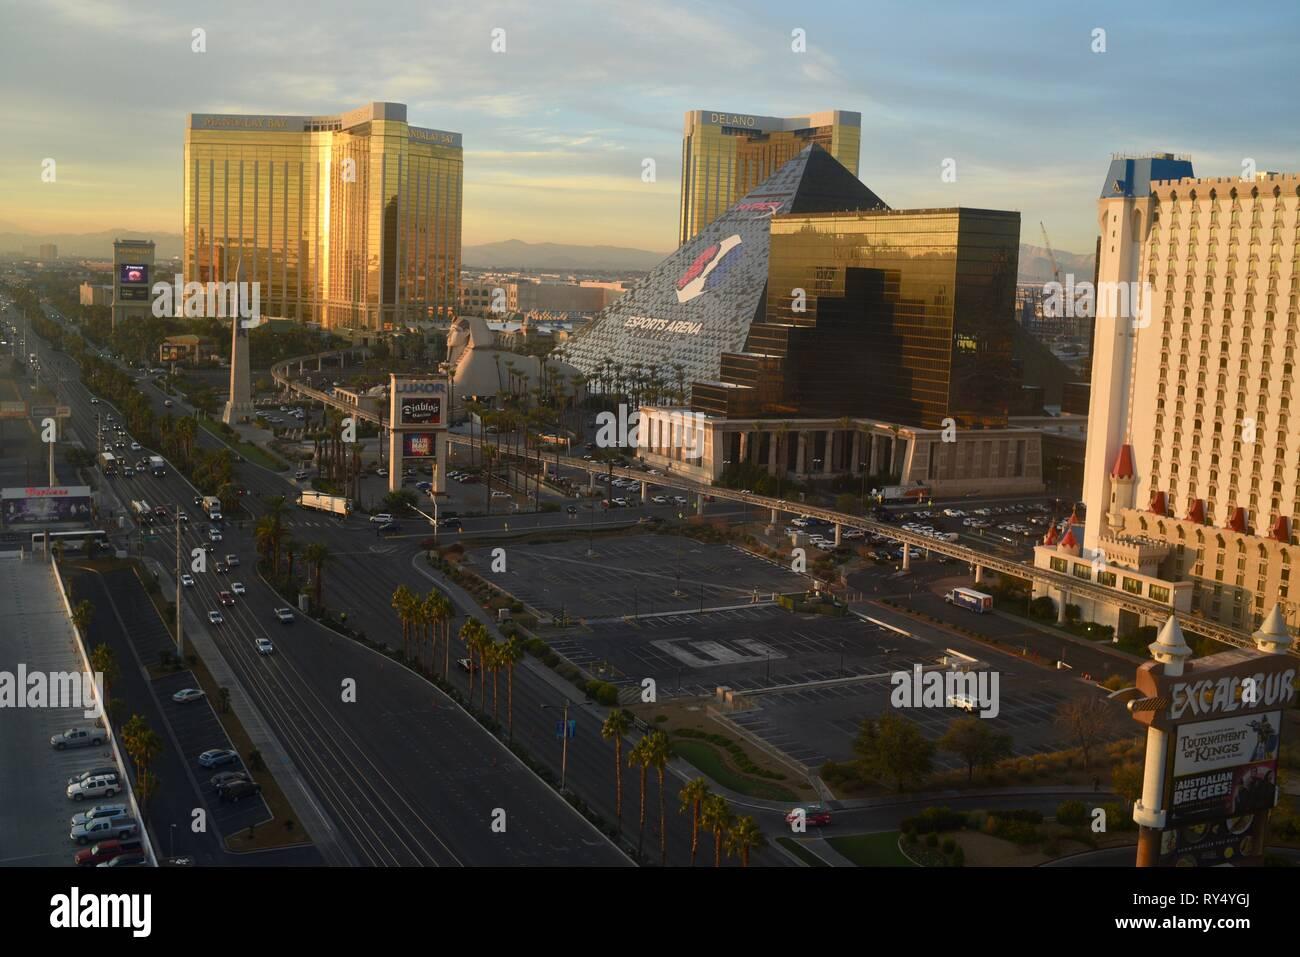 Online glücksspiel casino um echtes geld